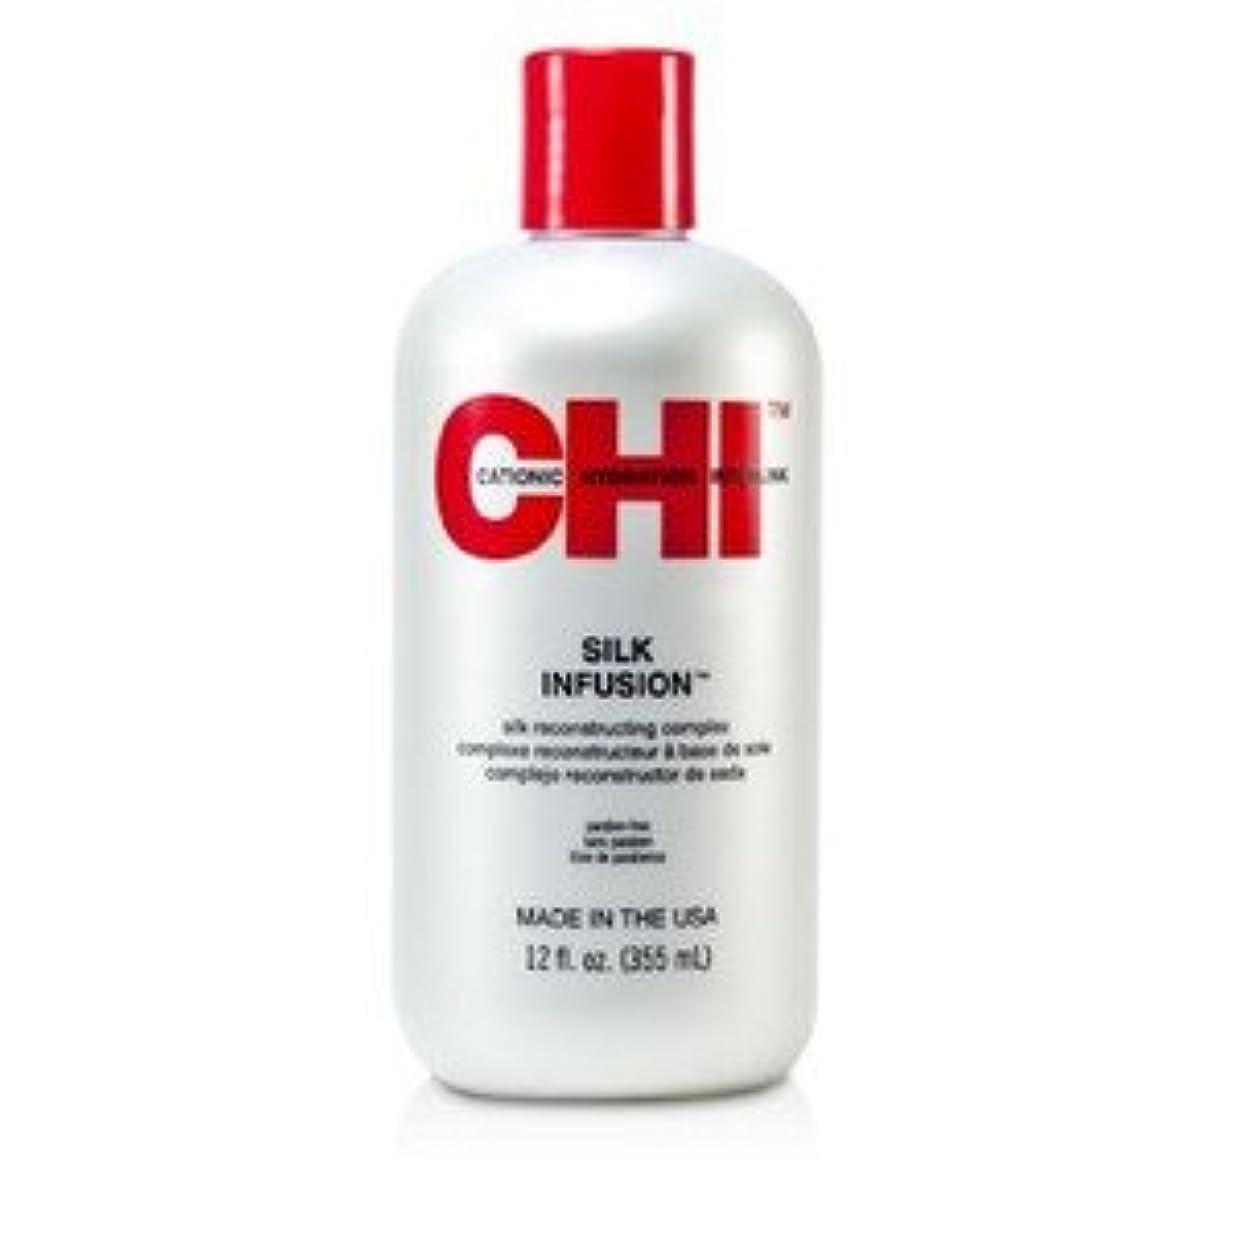 概して取得韓国CHI シルク インフュージョン シルク リコンストラクティング コンプレックス 355ml/12oz [並行輸入品]